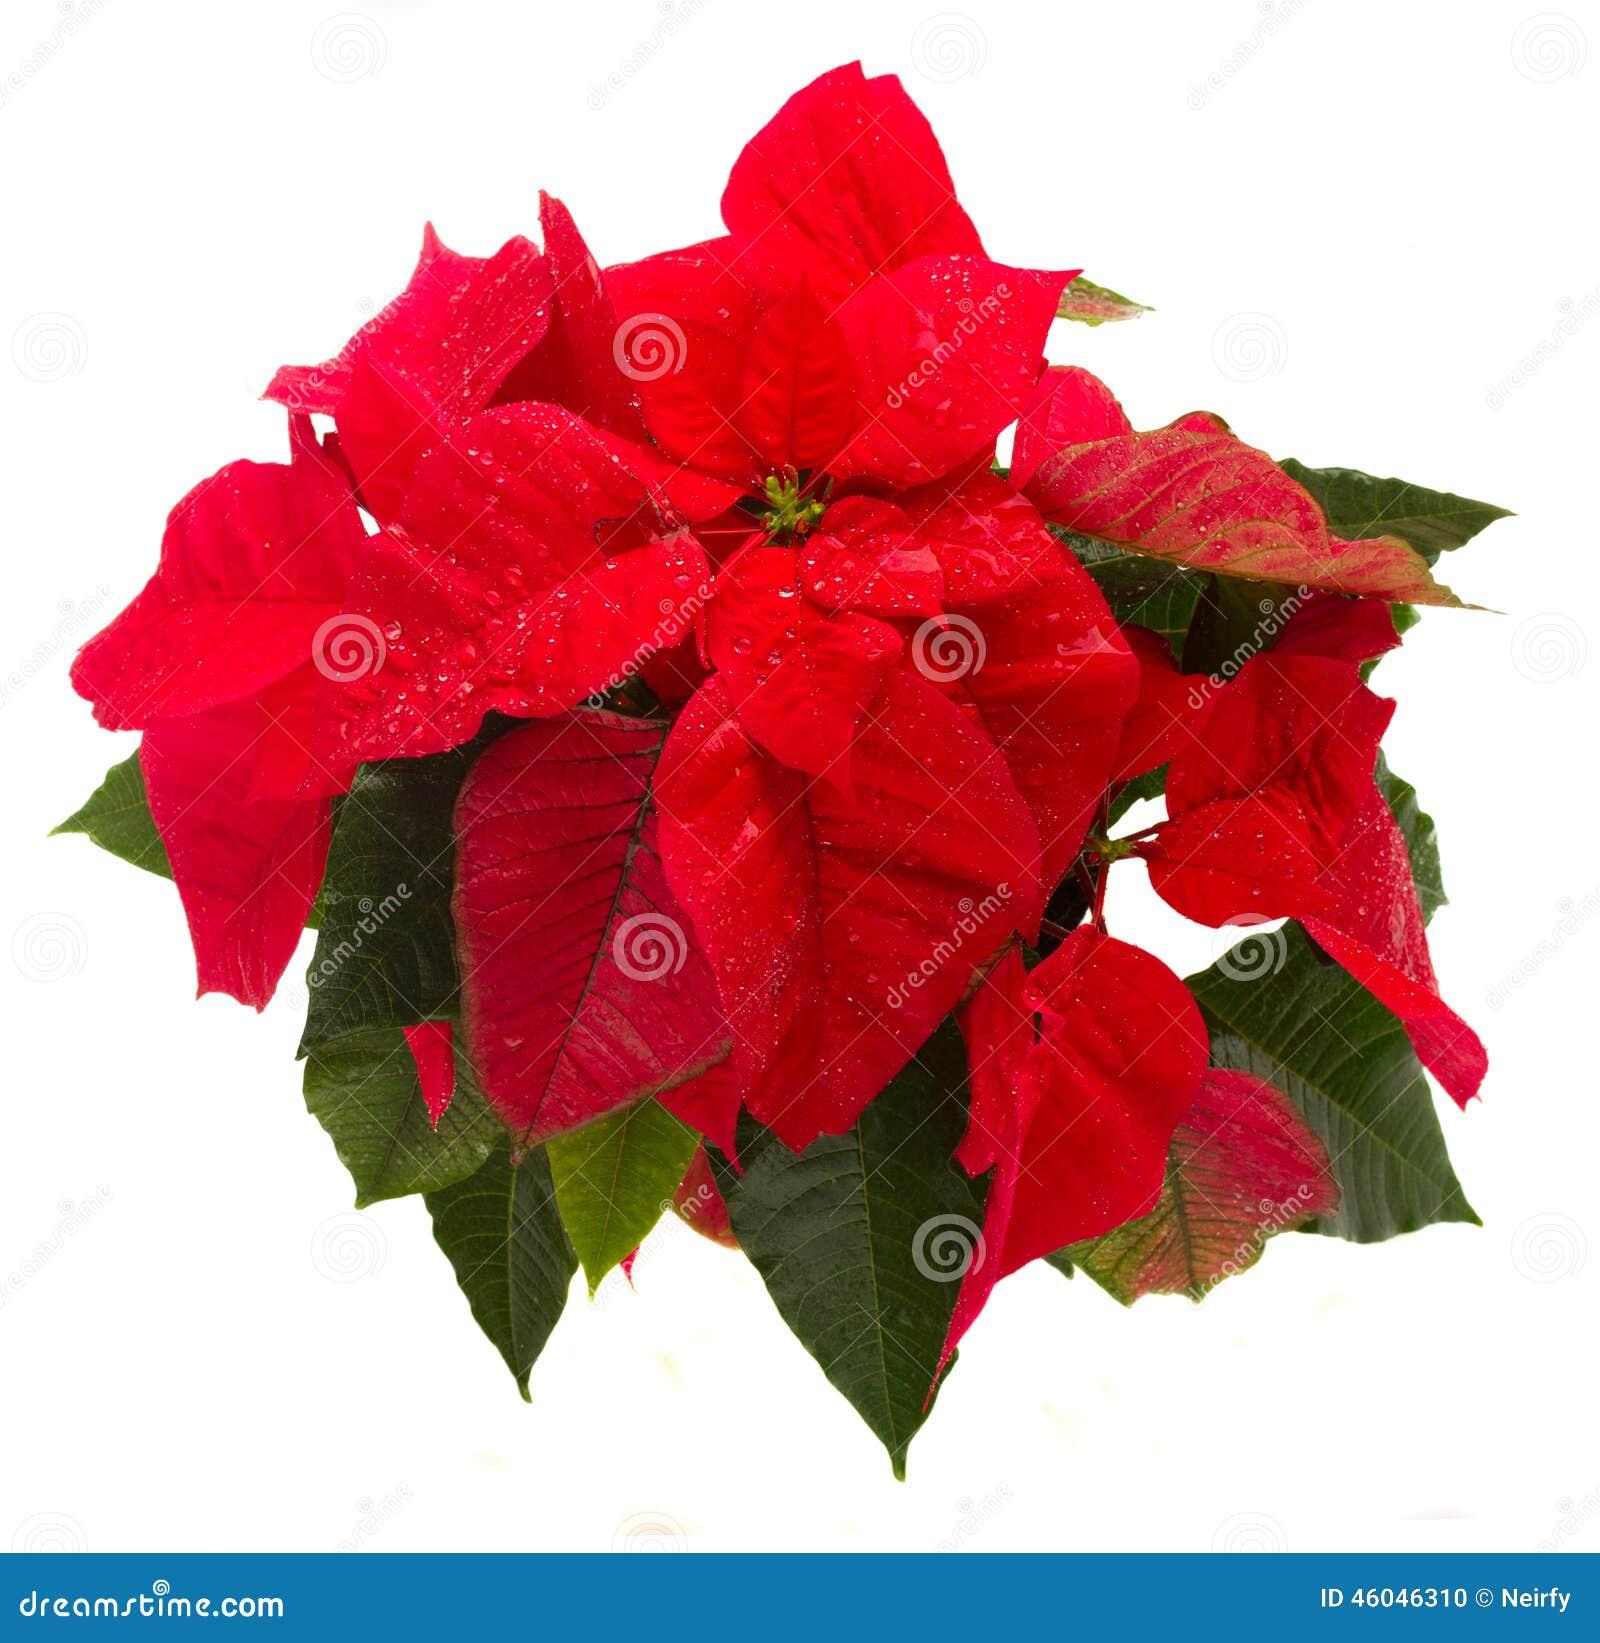 Stella Di Natale Fiore Cure.Color Scarlatto Del Fiore Della Stella Di Natale O Stella Di Natale